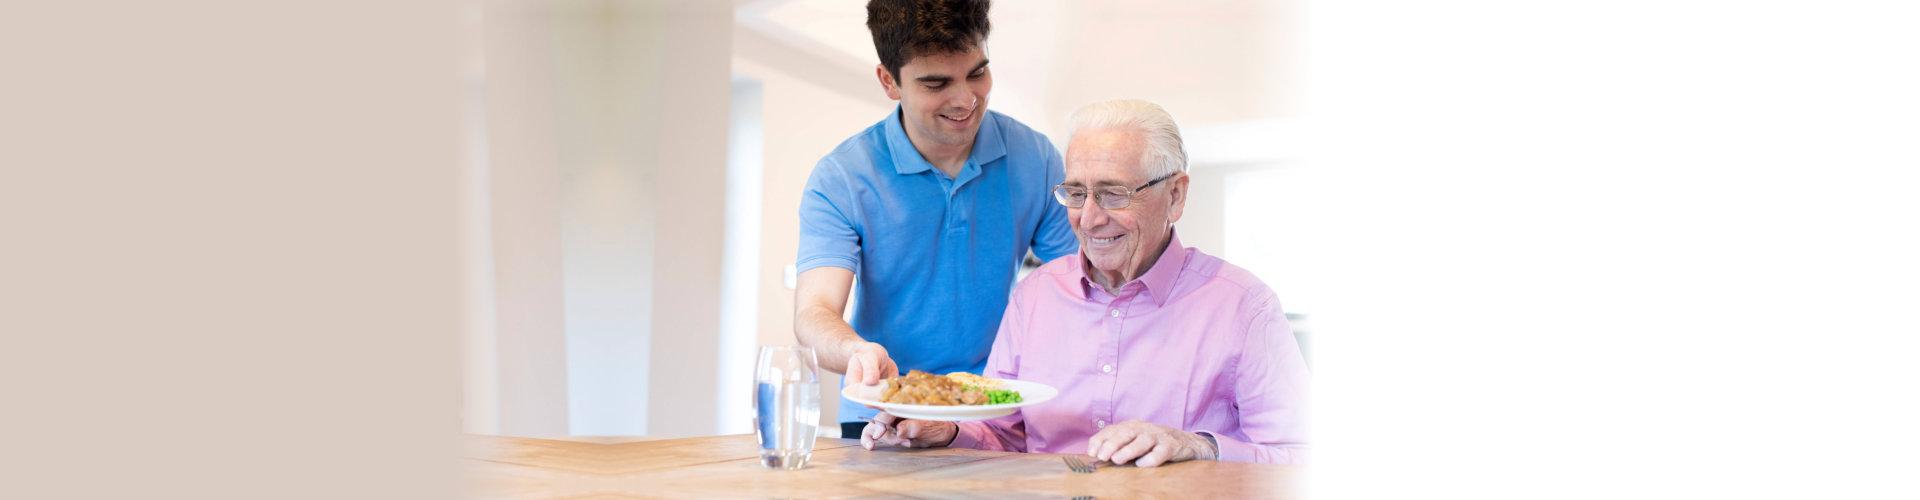 caregiver serving elder man a meal